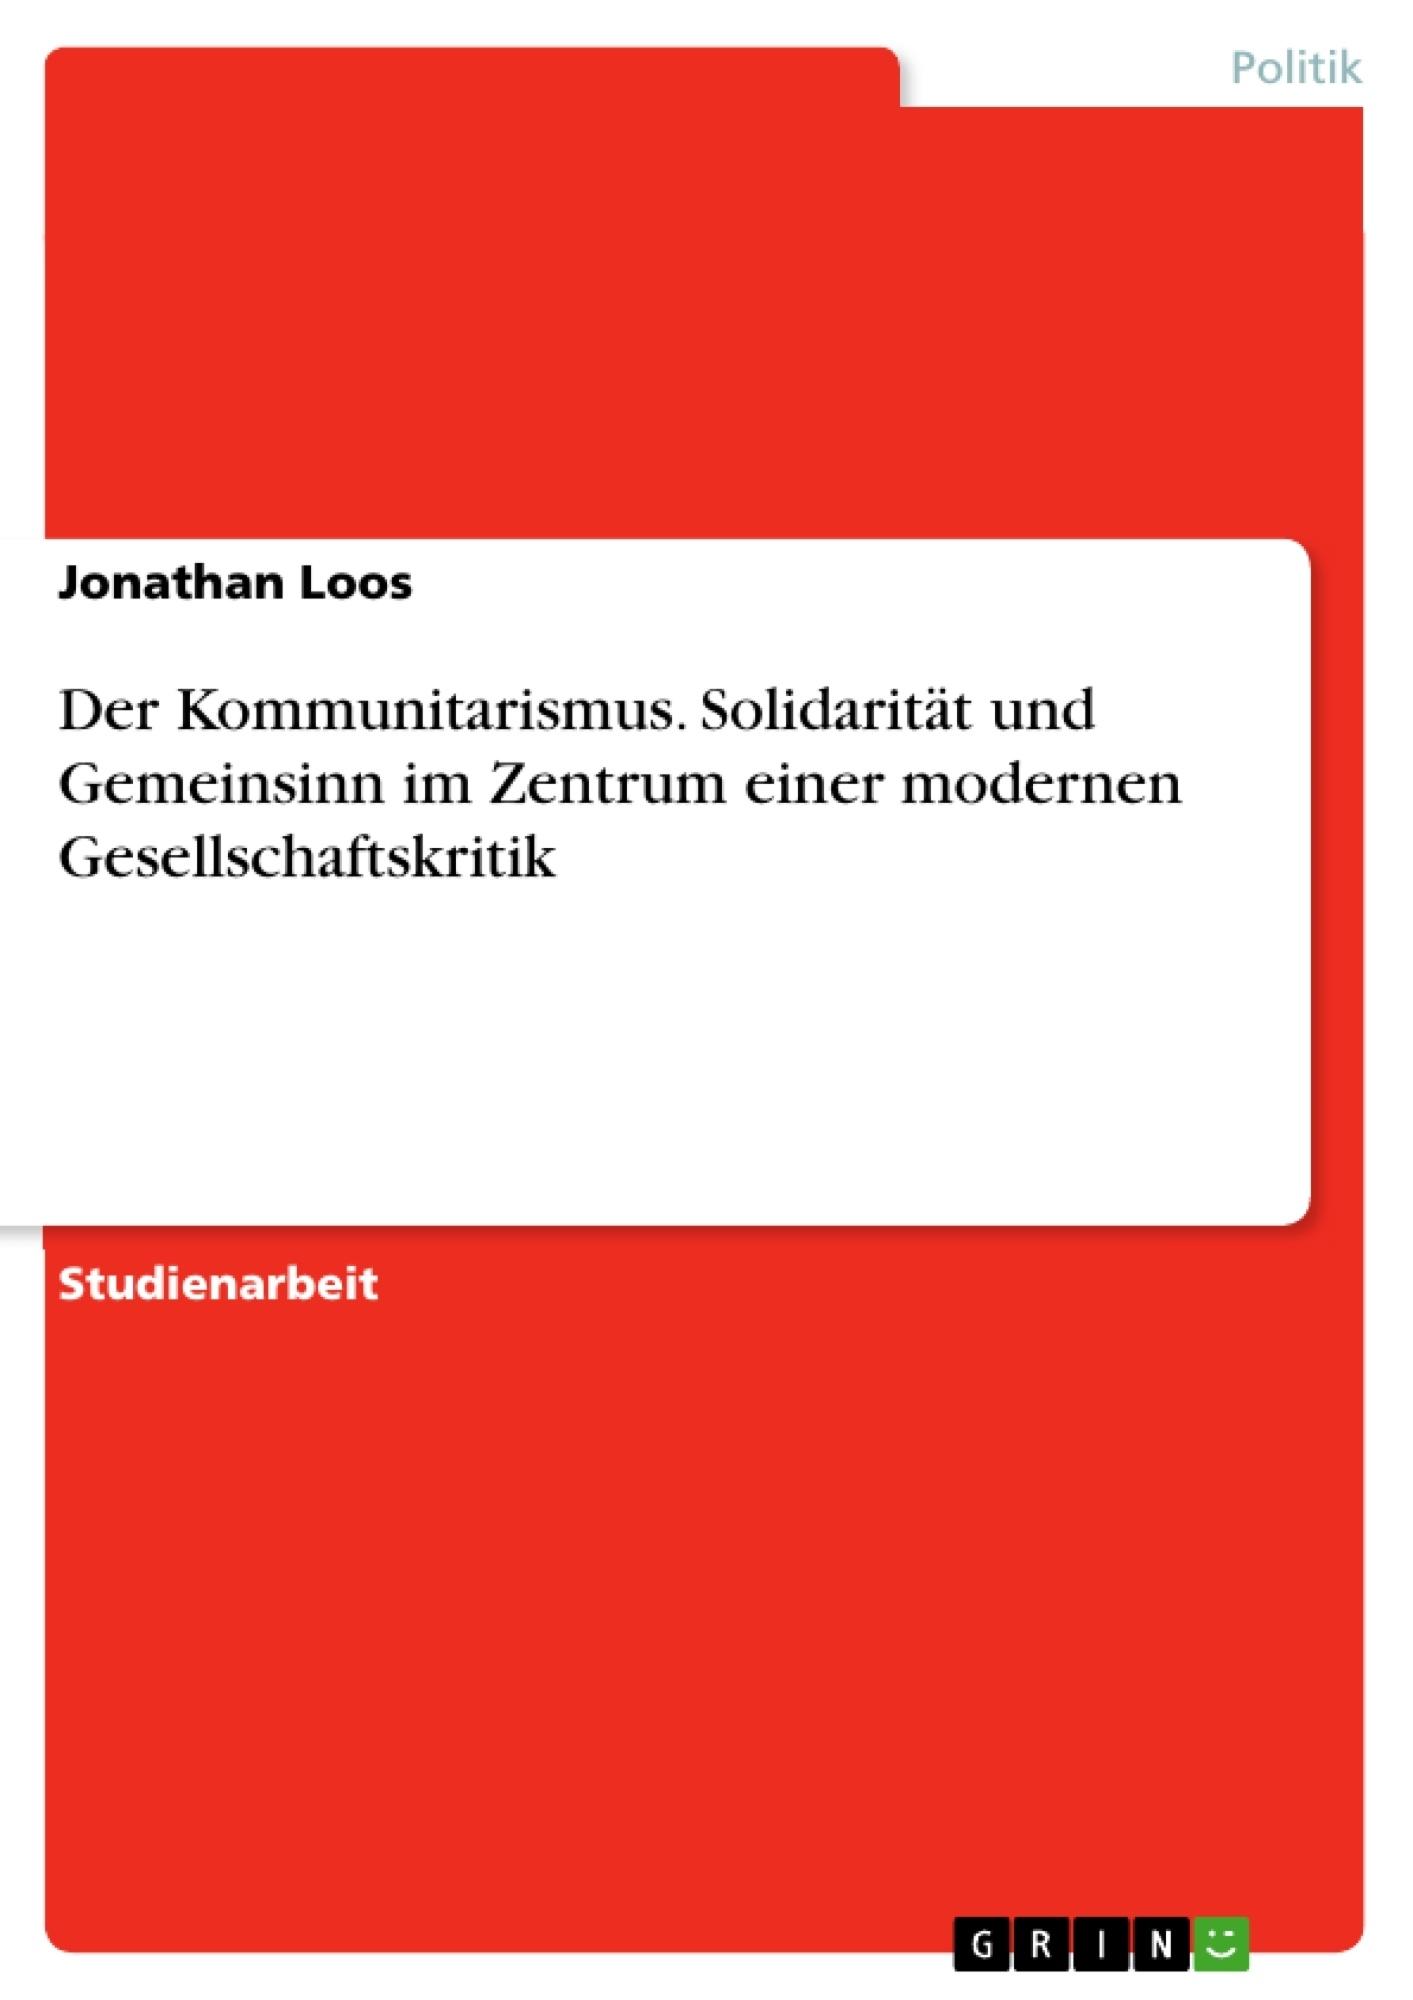 Titel: Der Kommunitarismus. Solidarität und Gemeinsinn im Zentrum einer modernen Gesellschaftskritik